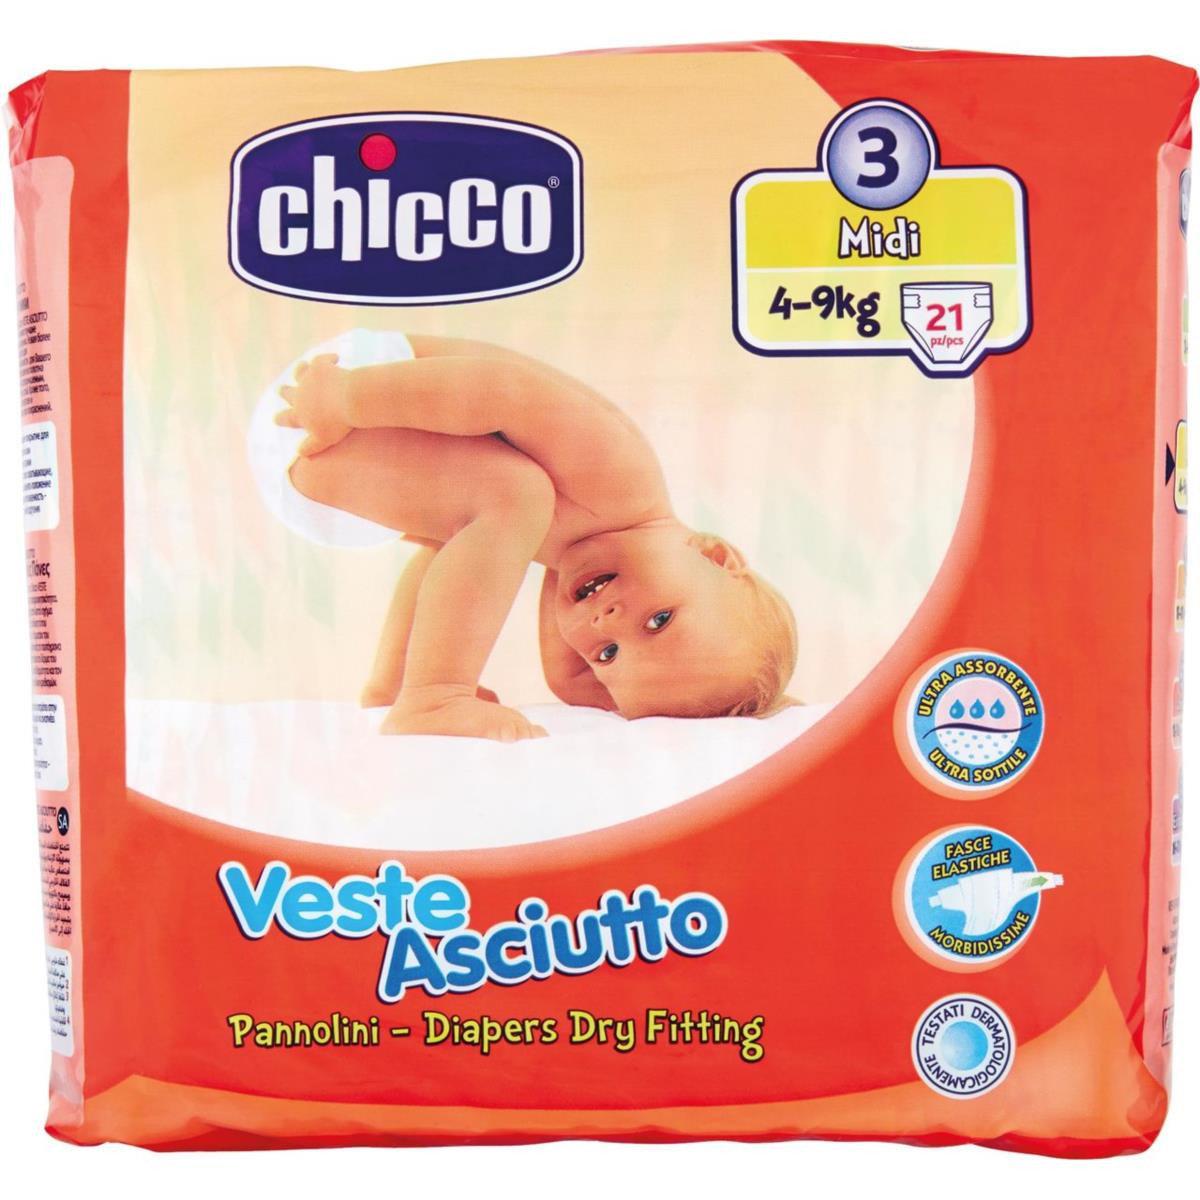 Pannolini Chicco Veste Asciutto 4-9 Kg taglia 3 midi